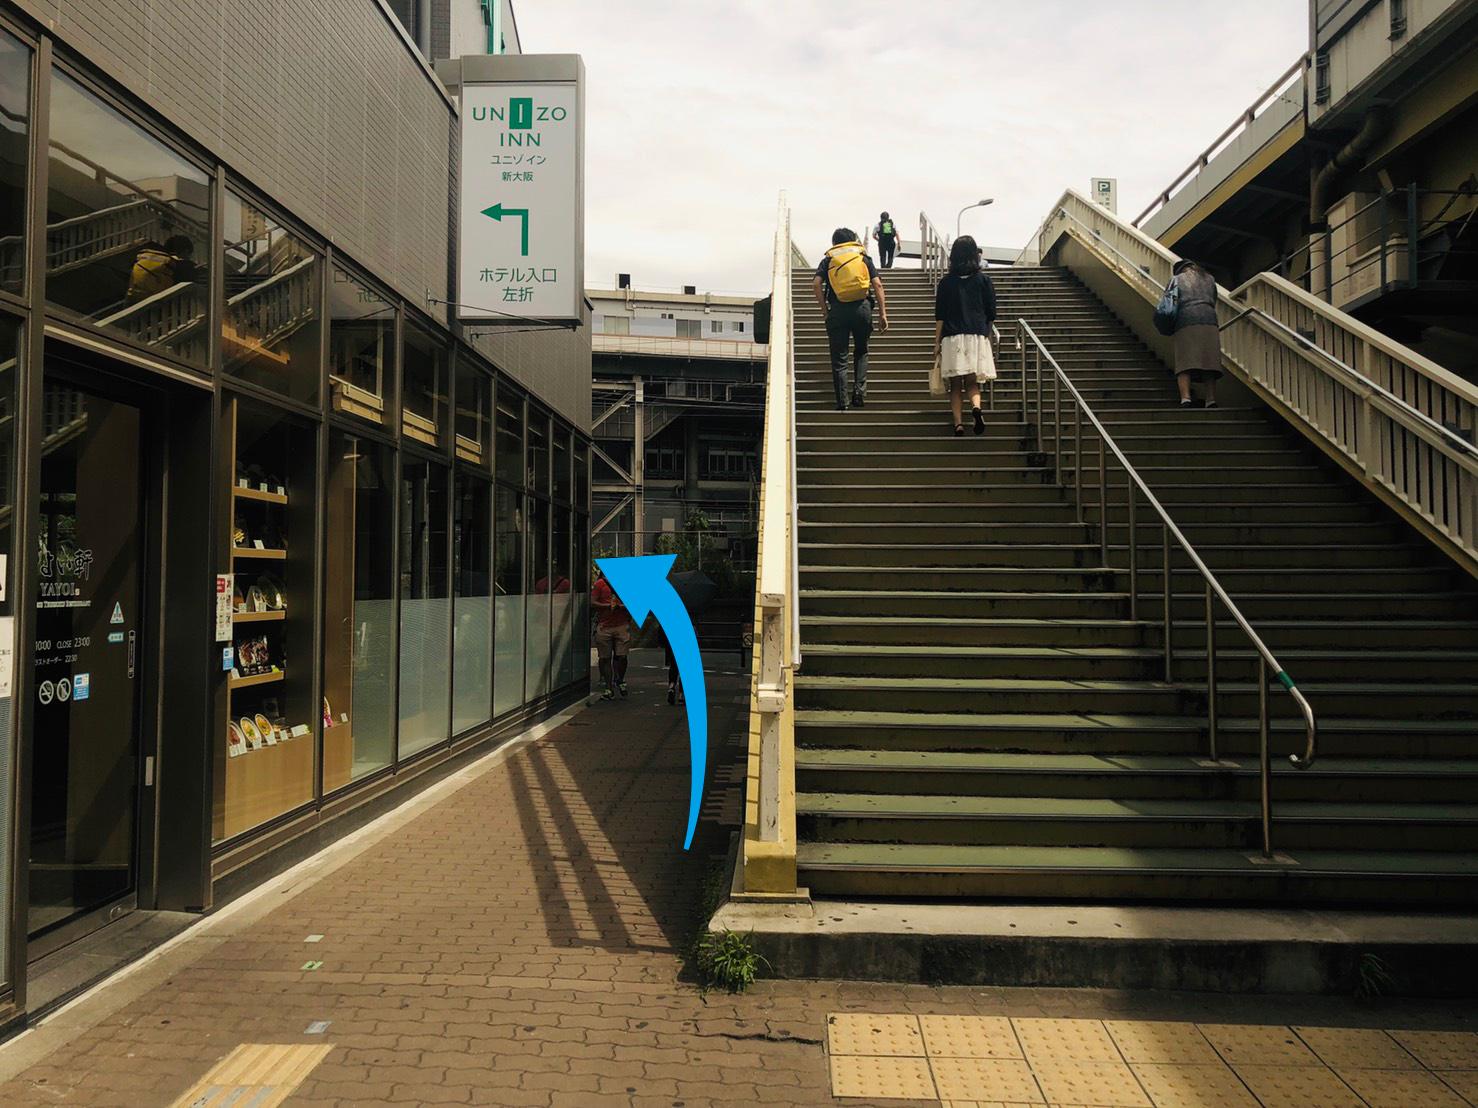 新大阪駅南側線路沿い